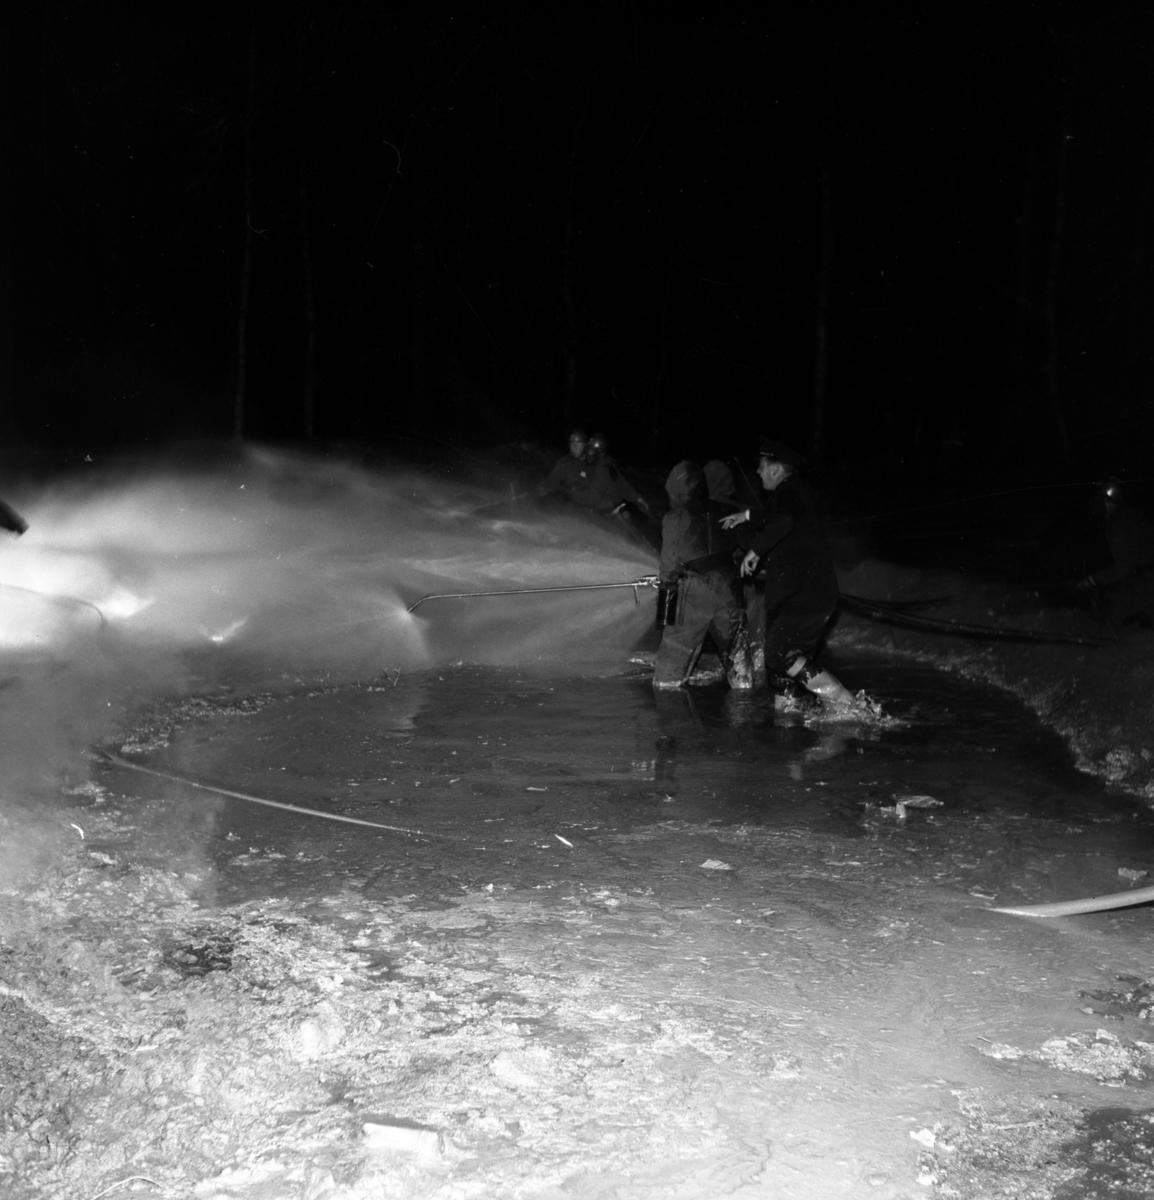 Brandövning vid Carlfors bruk på Stensholm i Huskvarna den 3 oktober 1956.